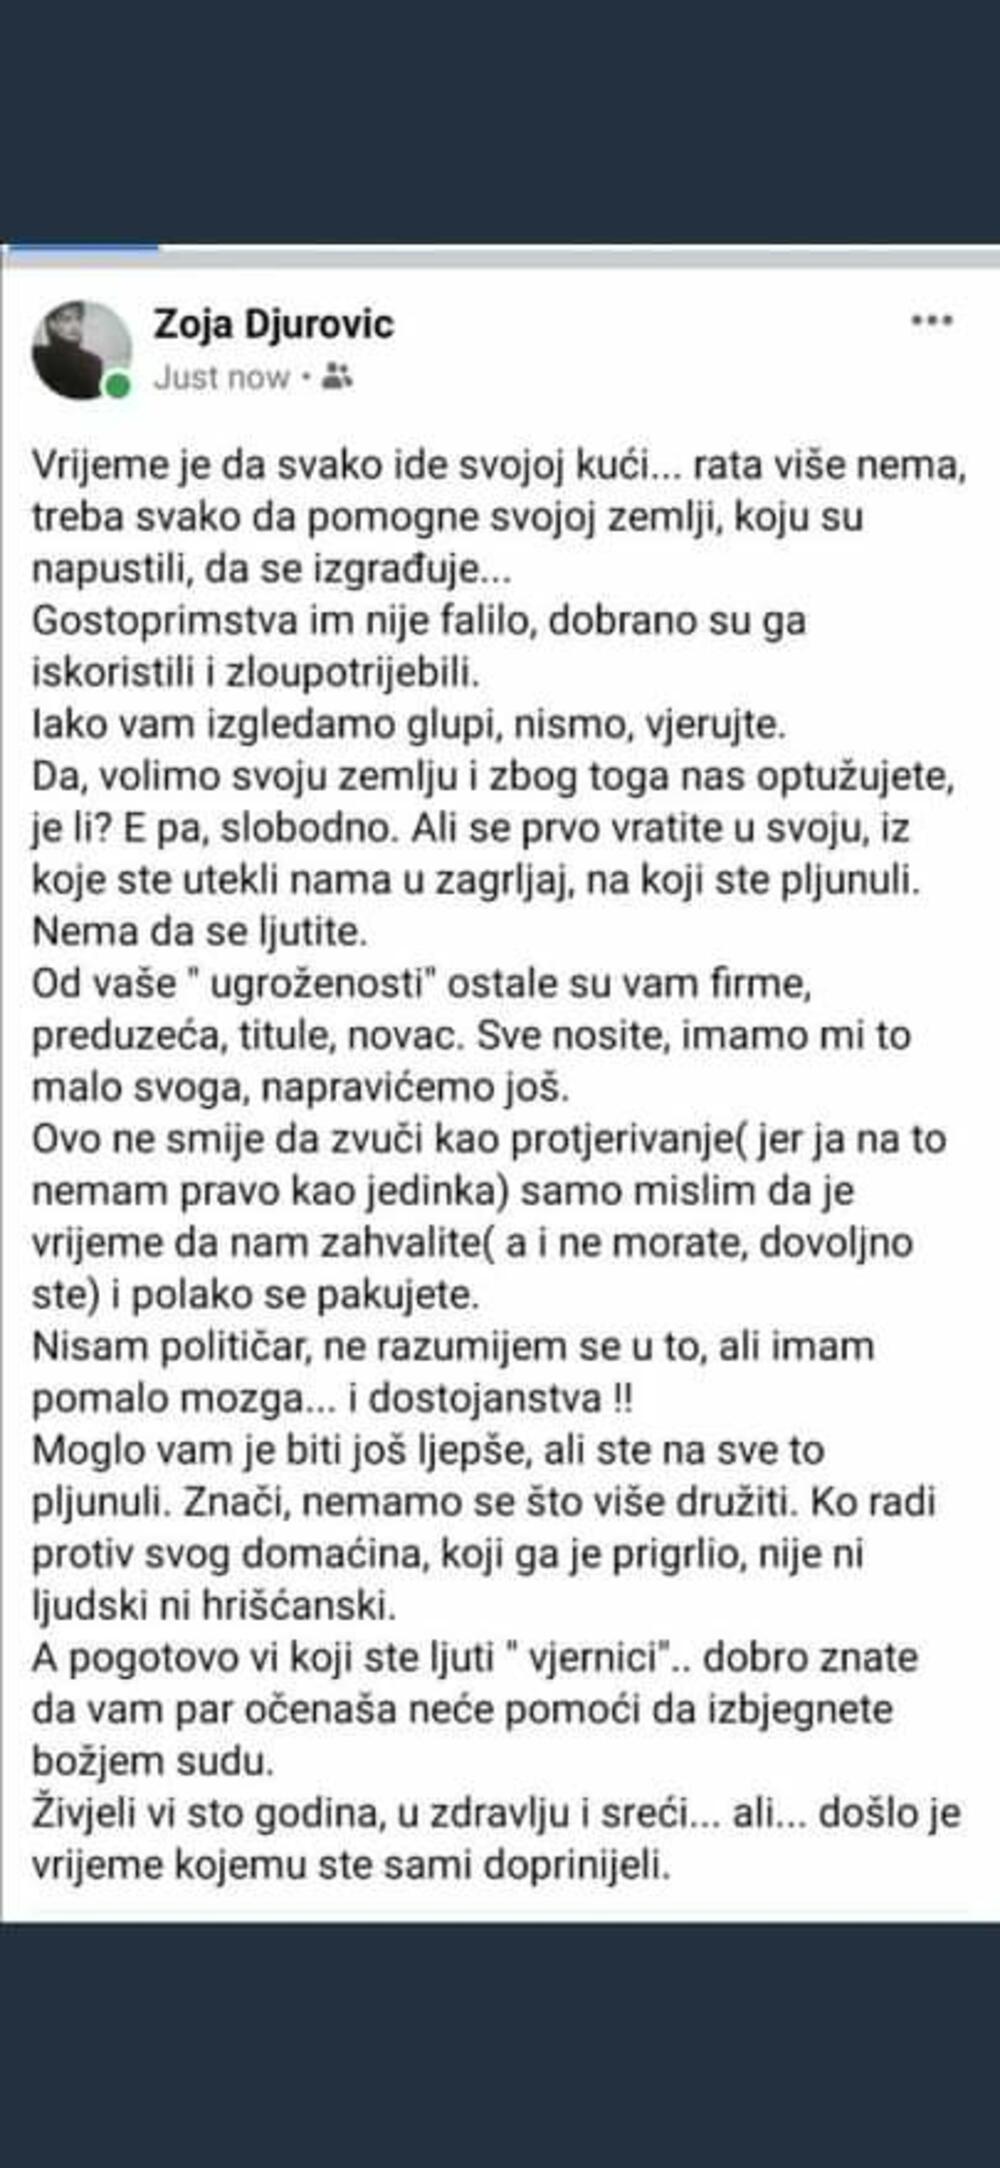 Zoja Đurović